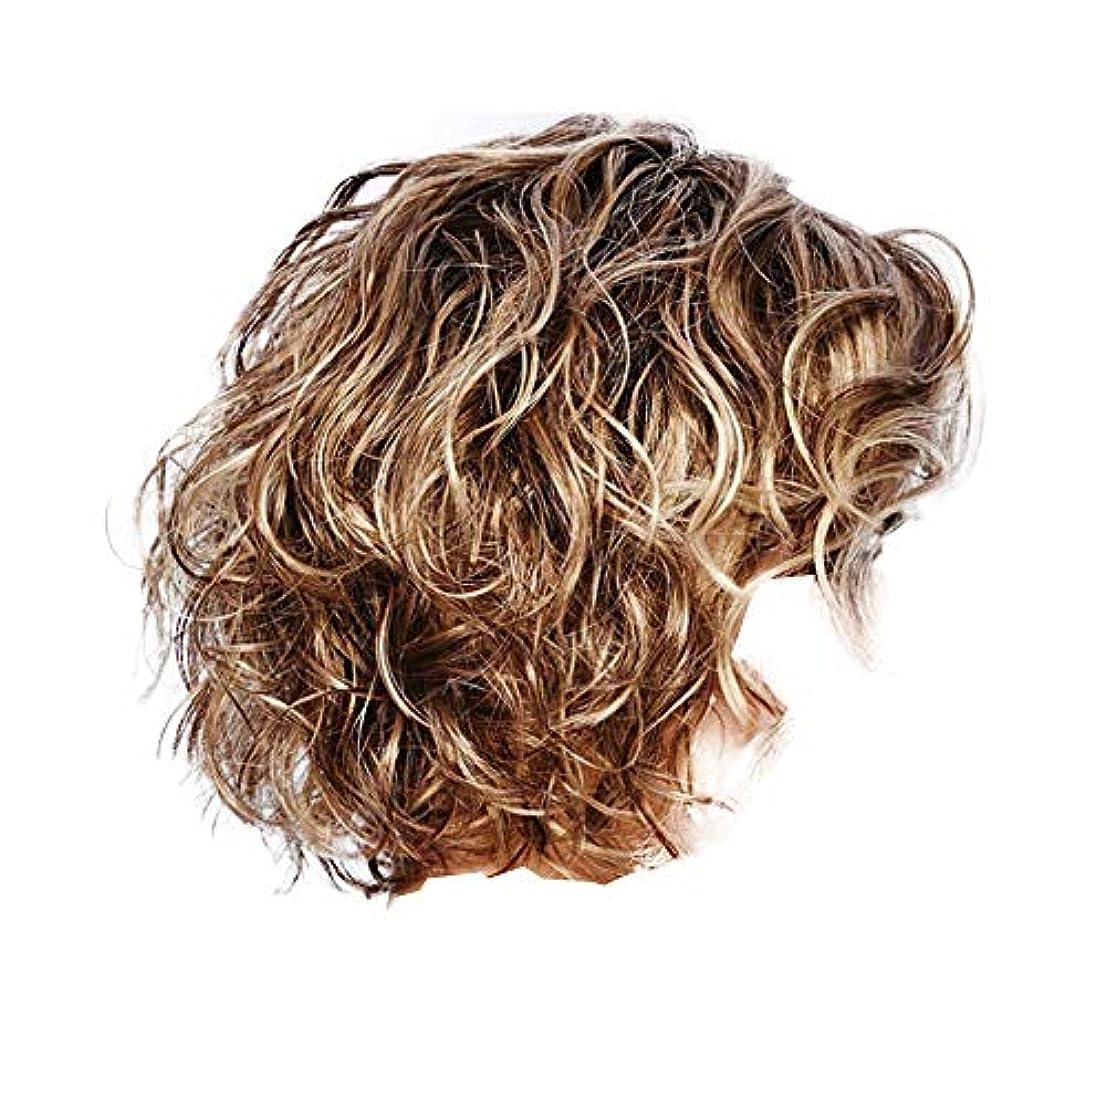 ラジカルブルリンケージ女性のための短い巻き毛のかつら茶色の小さな波髪かつら自然に見える耐熱合成ファッションかつらコスプレ